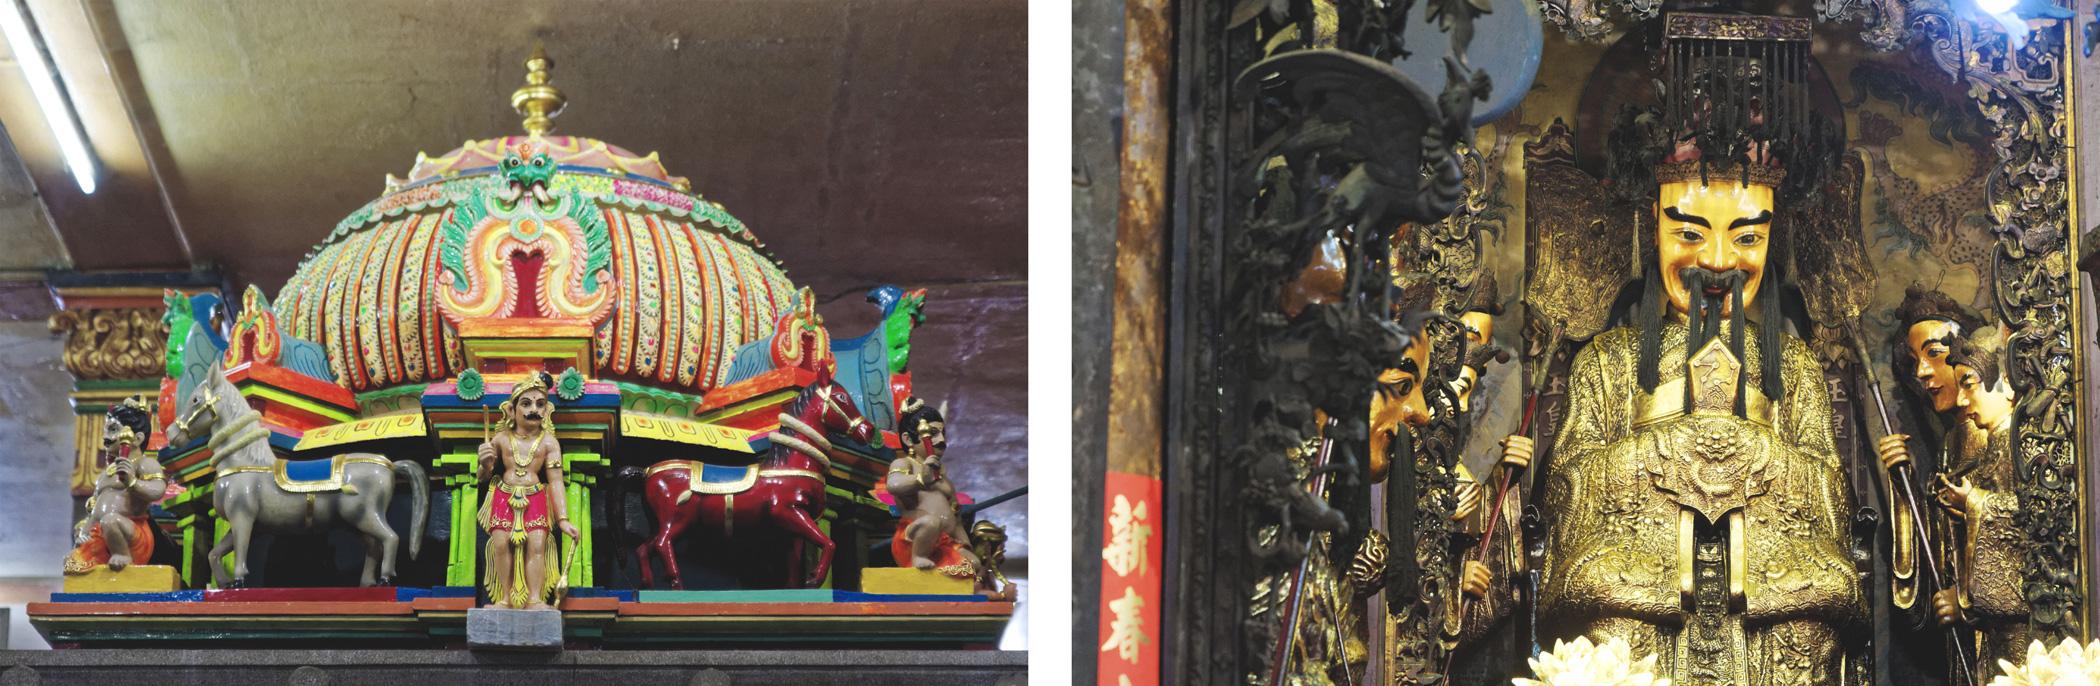 Temple hindou et pagode taoïste Hô Chi Minh Ville Saigon